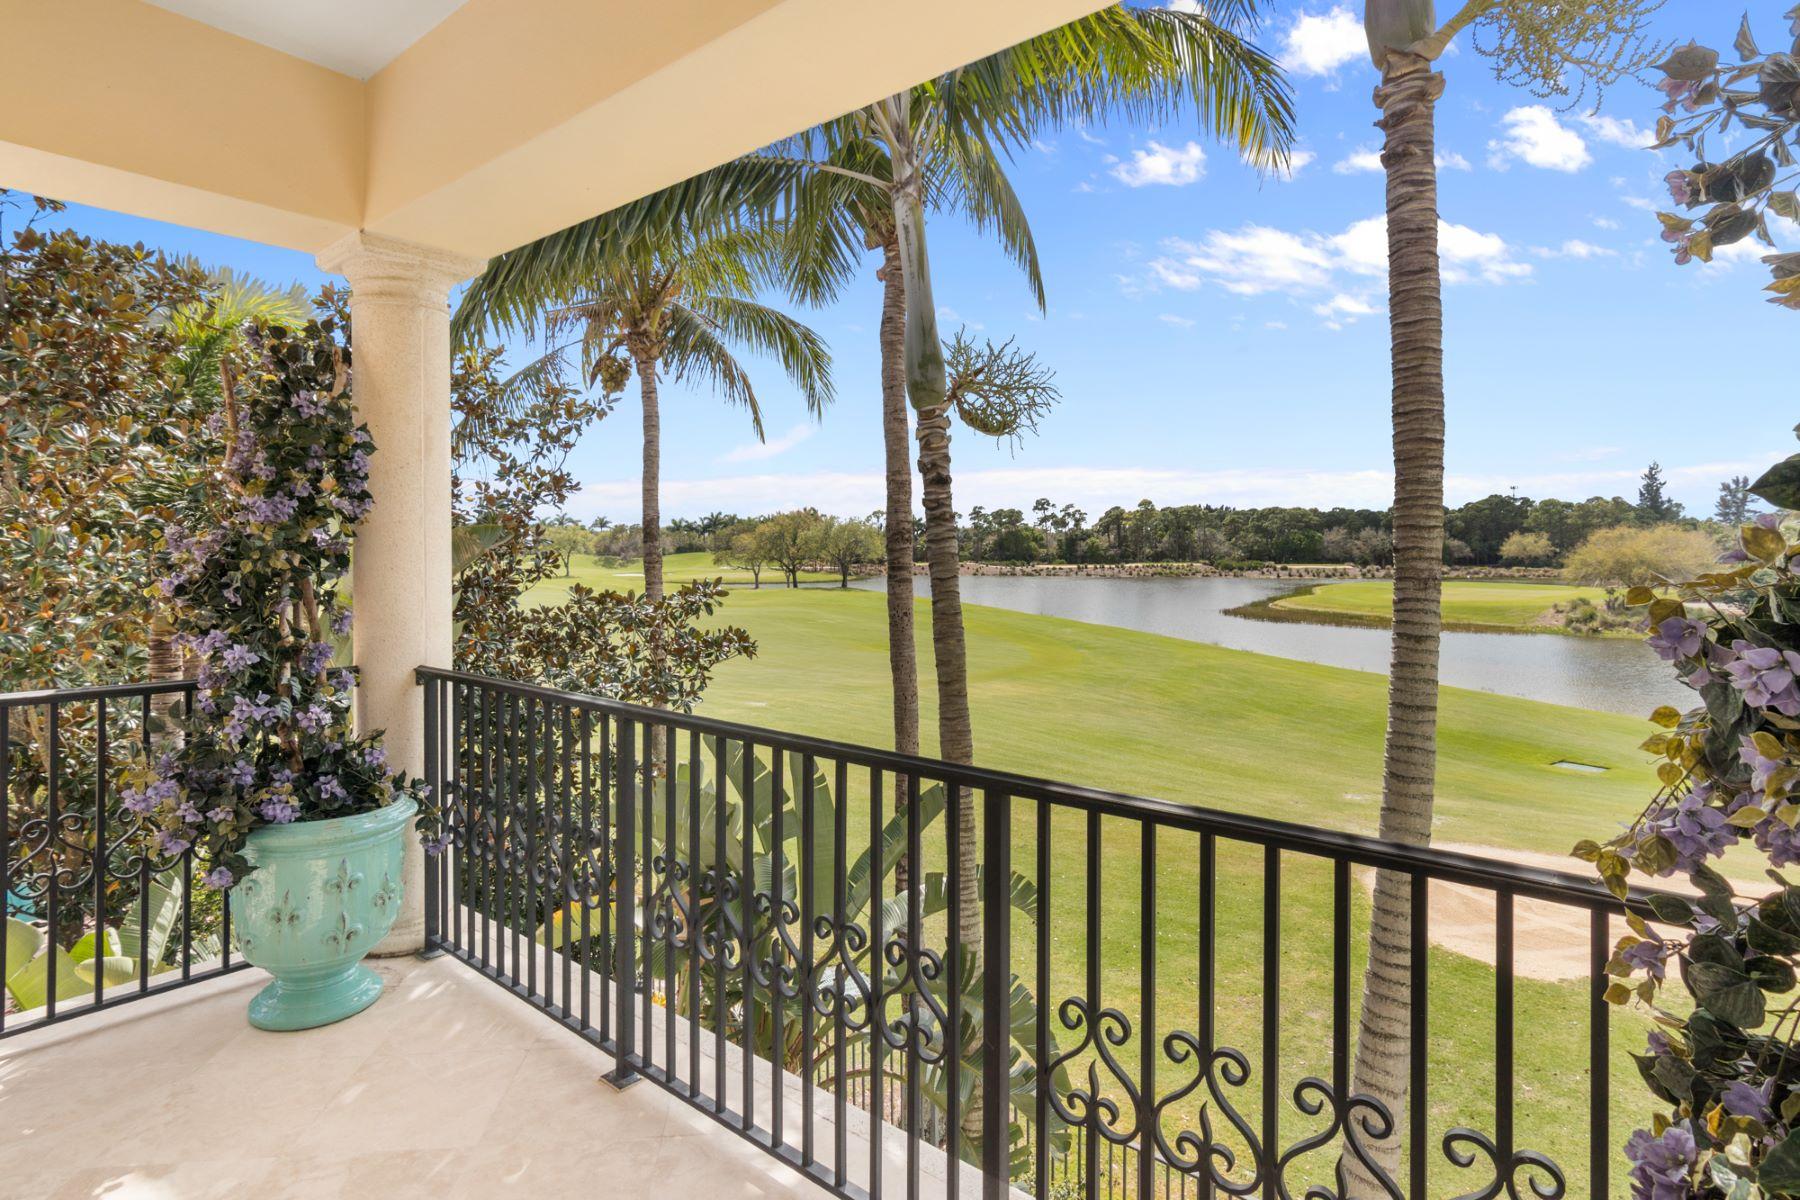 Einfamilienhaus für Verkauf beim 11127 Green Bayberry Drive Old Palm Golf Club, Palm Beach Gardens, Florida, 33418 Vereinigte Staaten